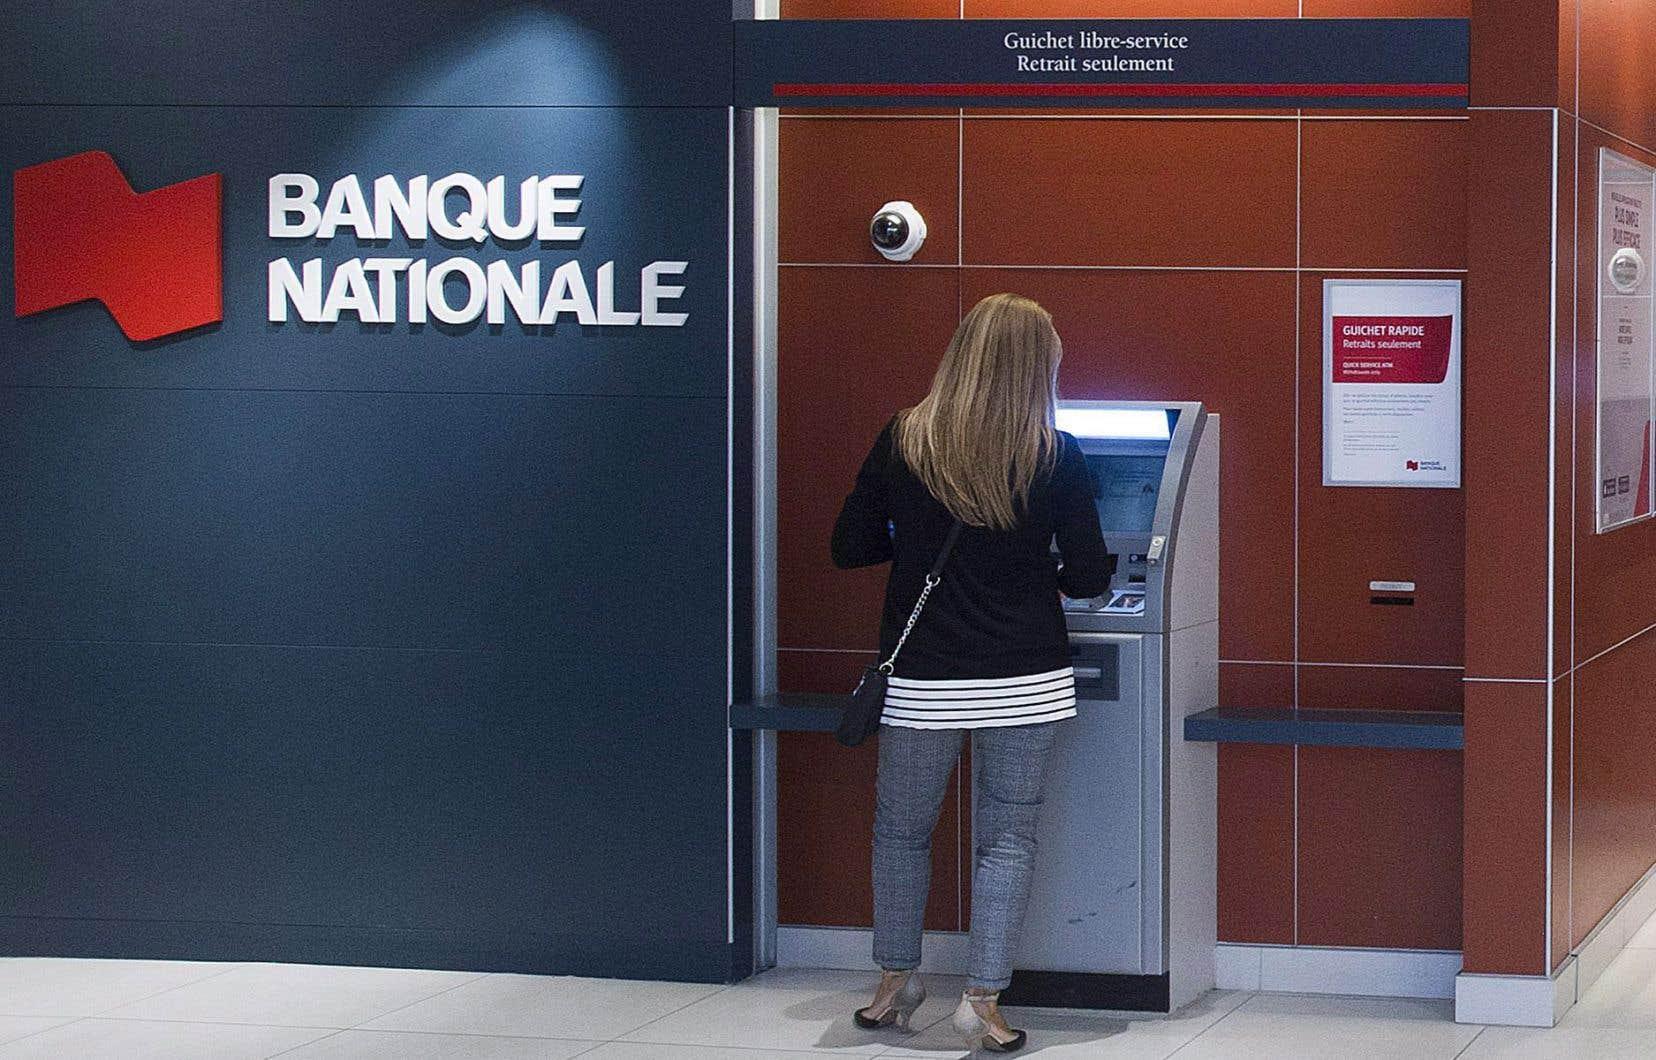 Pour le mois de juillet, la Banque Nationale, le groupe coopératif Desjardins et la Banque Laurentienne n'effectueront pas de placement publicitaire sur Facebook et Instagram.